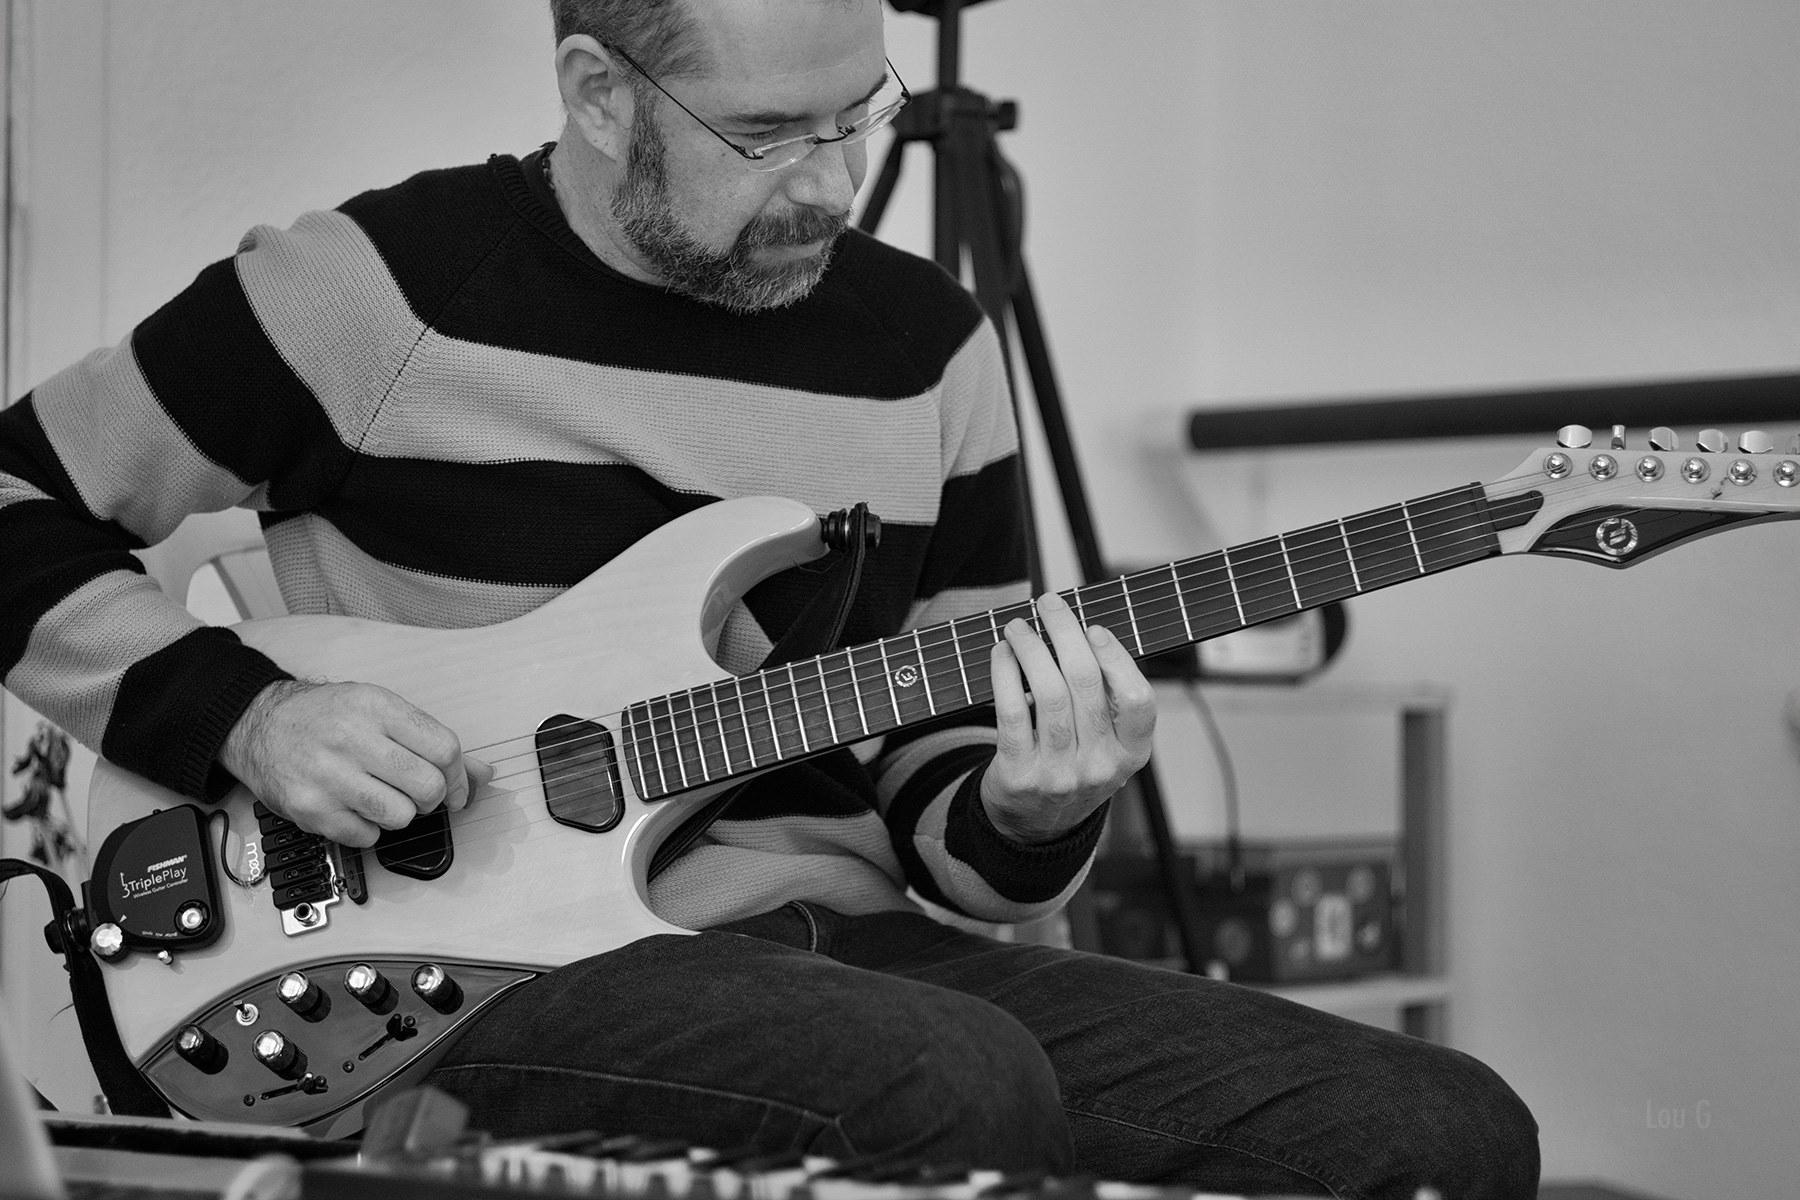 rodrigo e guitarra